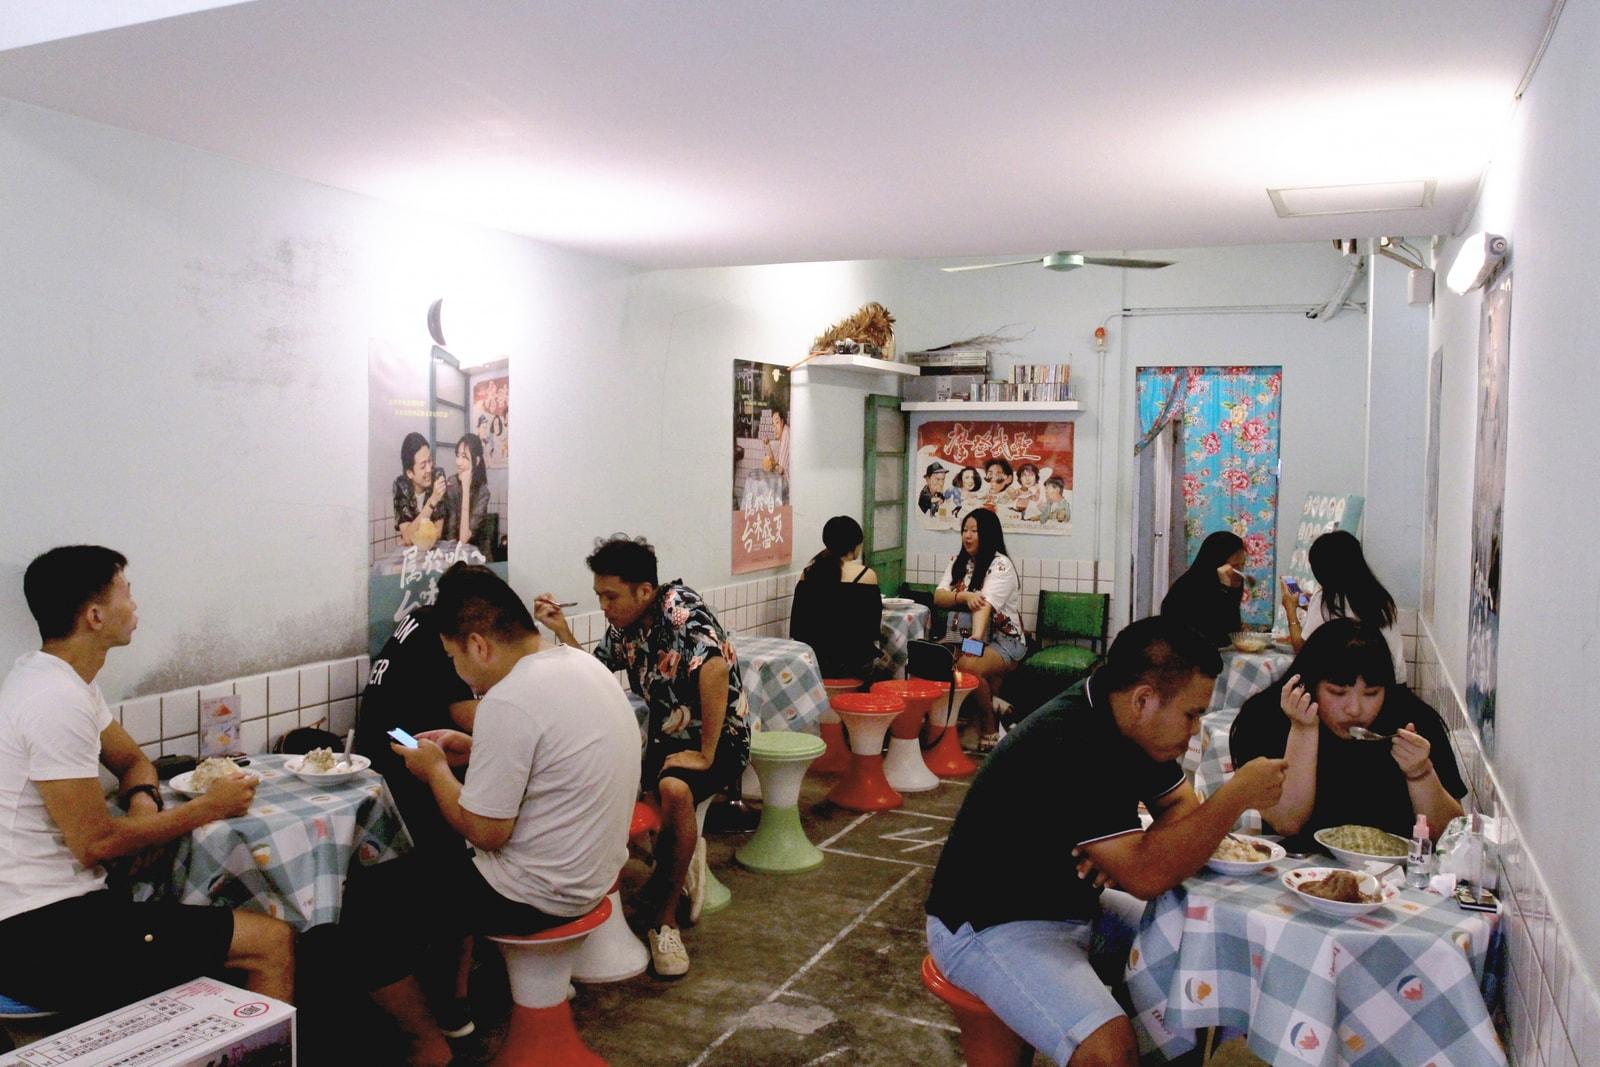 夏季消暑沁涼之味!台北注目冰店 5 選|HYPEBEAST Eats